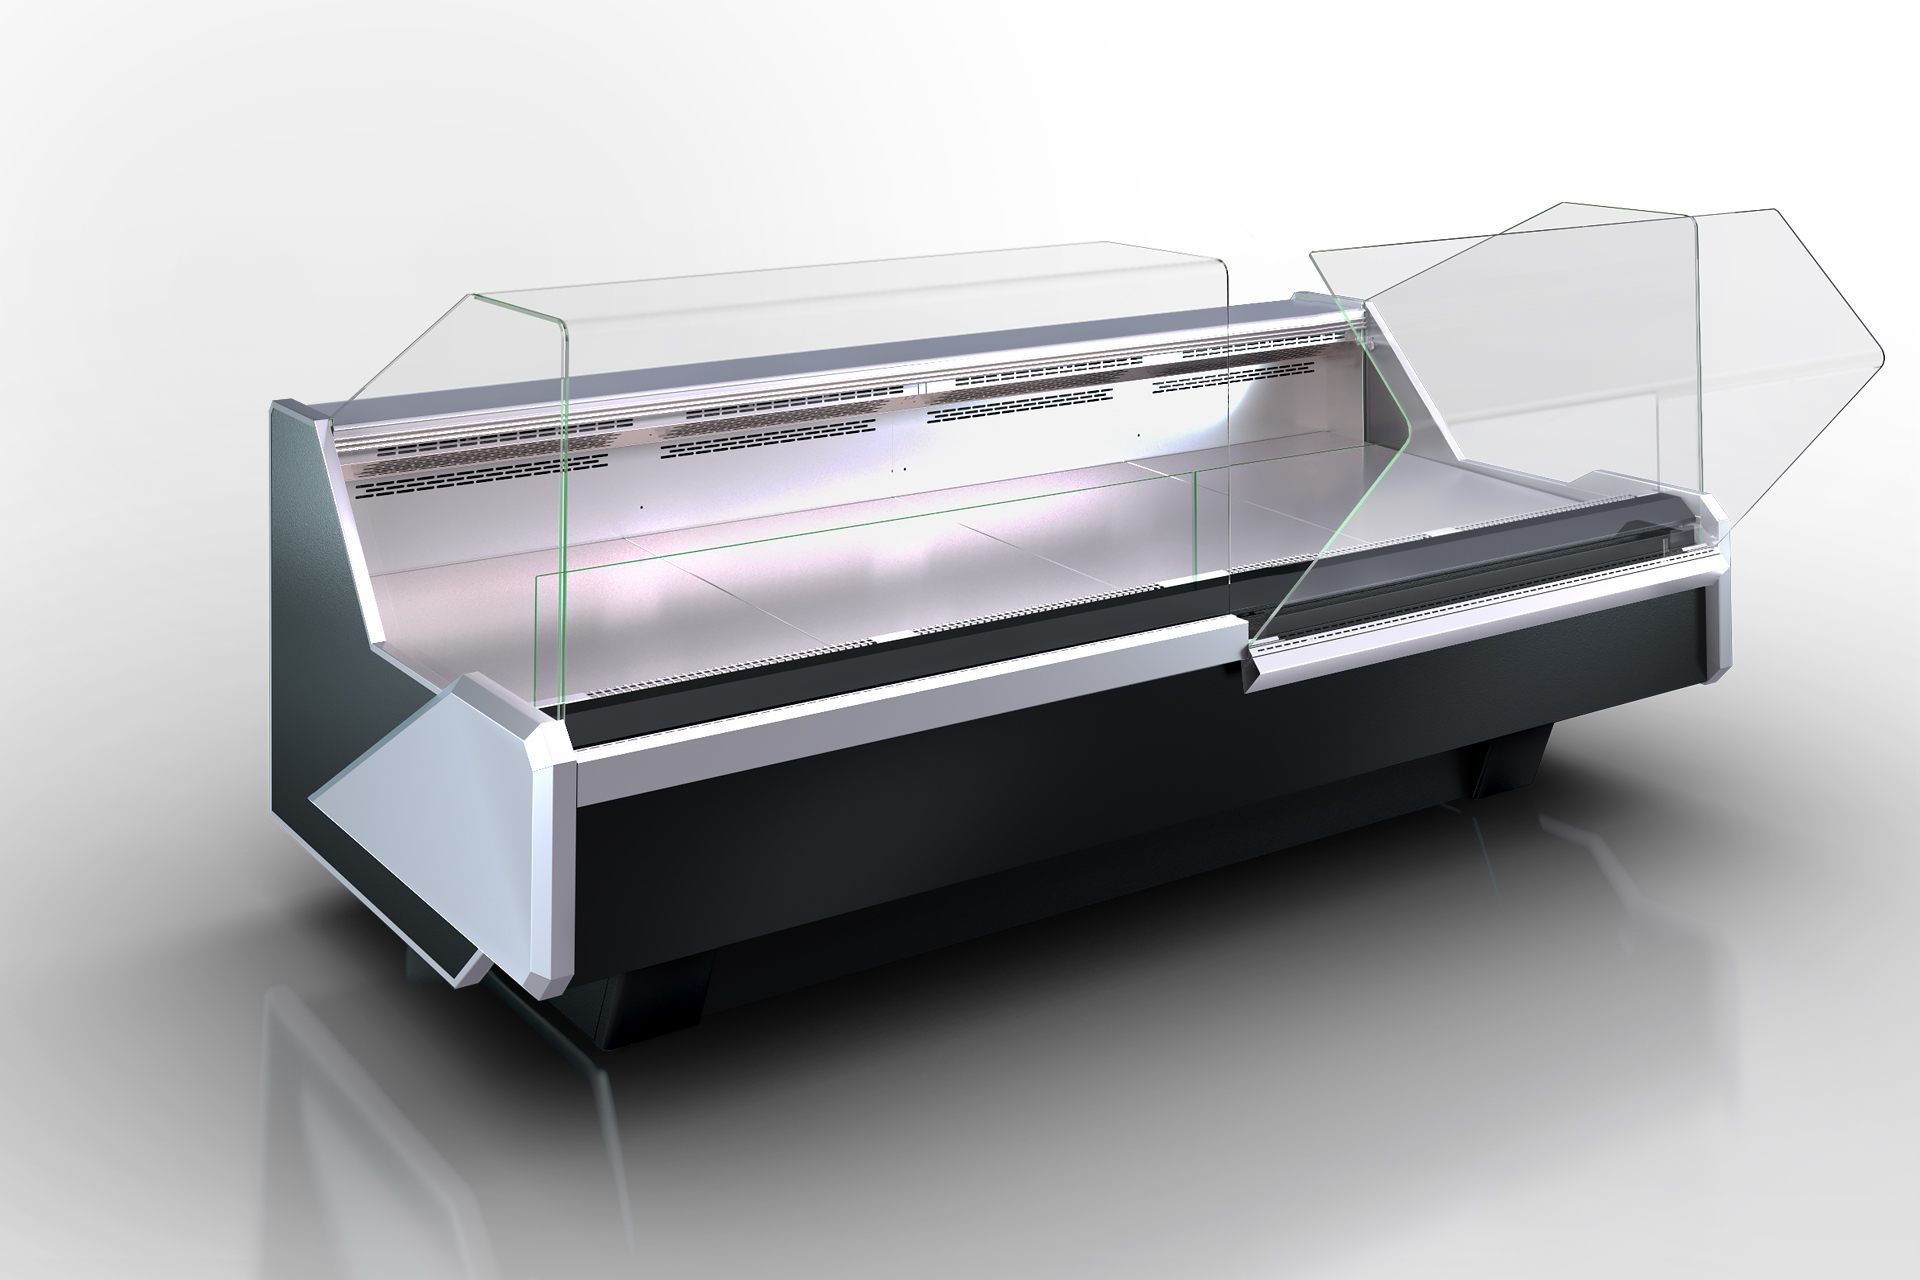 Холодильна вітрина Missouri enigma MC 120 deli OS 115-DBM